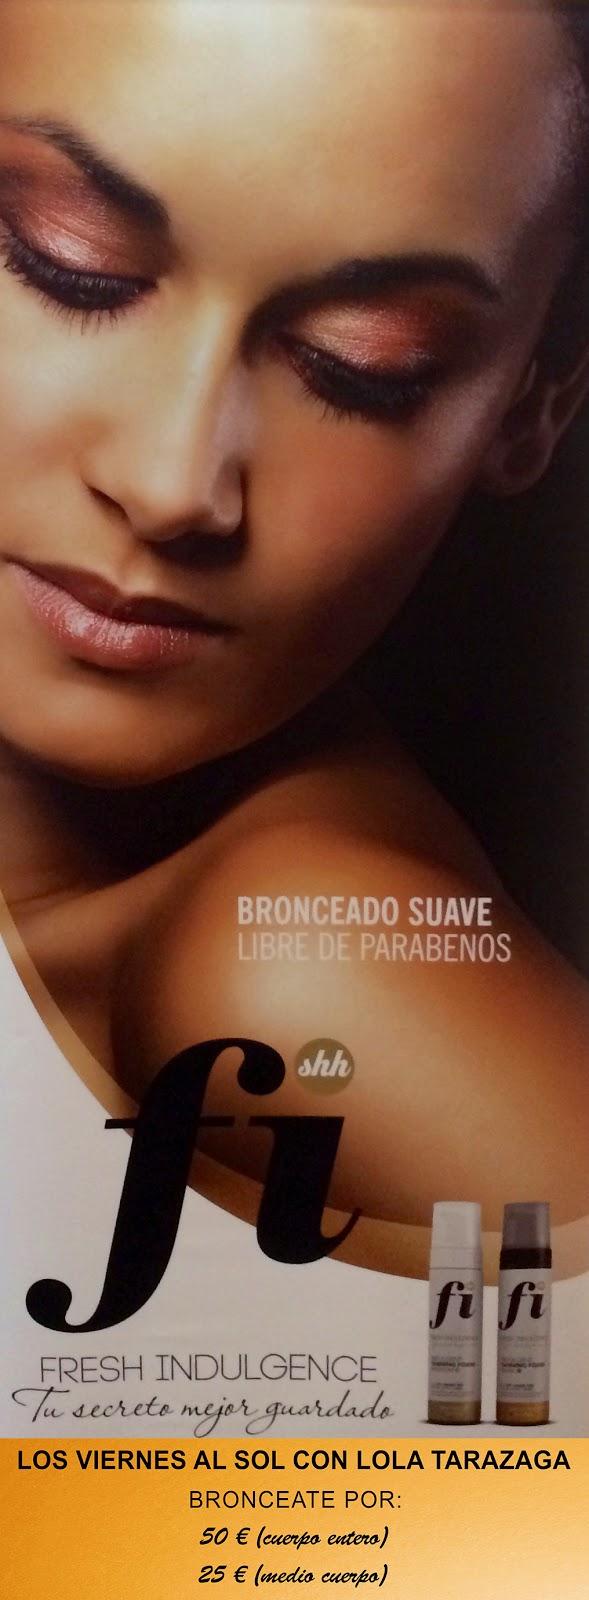 ... y el centro de belleza Velazquez 115 mi tono de piel ahora es mas #bronceadosinsol y con un tono dorado ideal. Gracias a Fernanda Palomino por invitarme - cartel%252Bpegatina%252Bfi